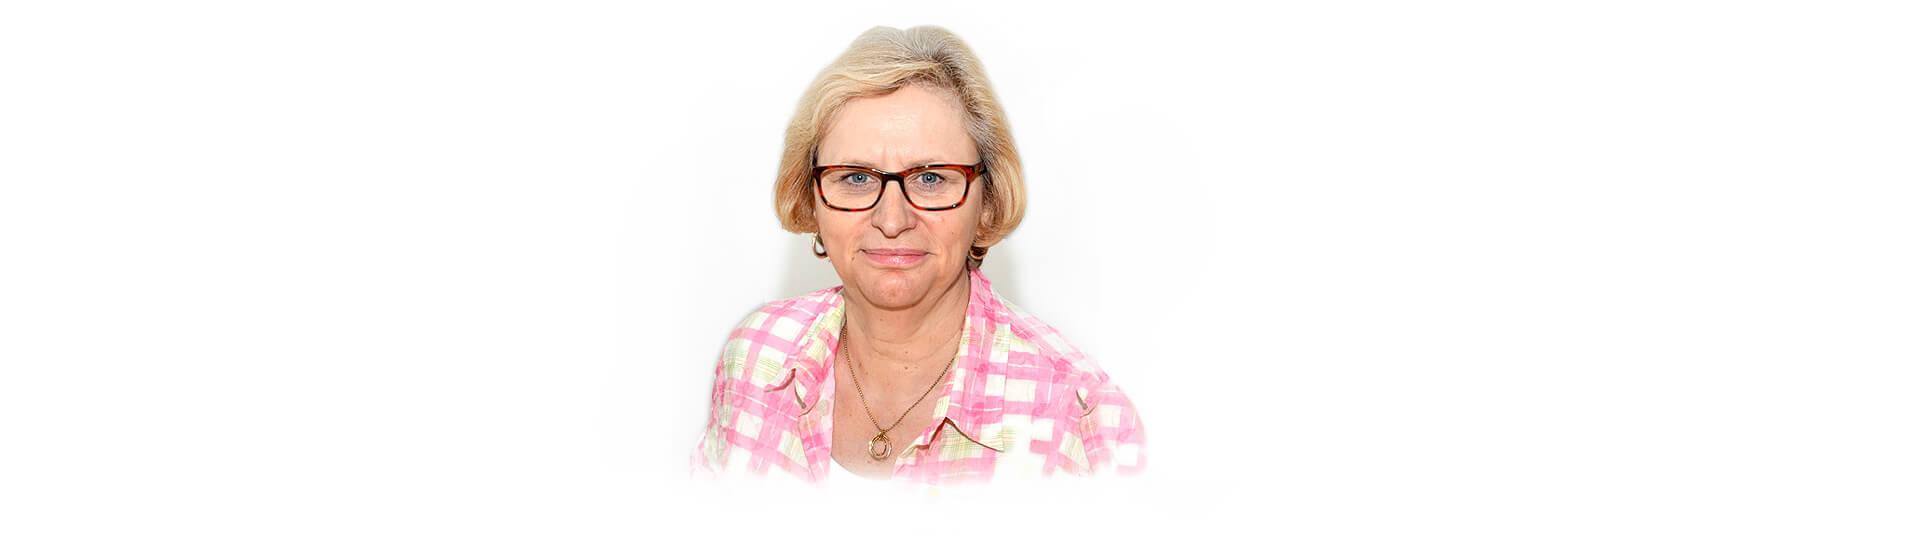 Elke Schwuchow